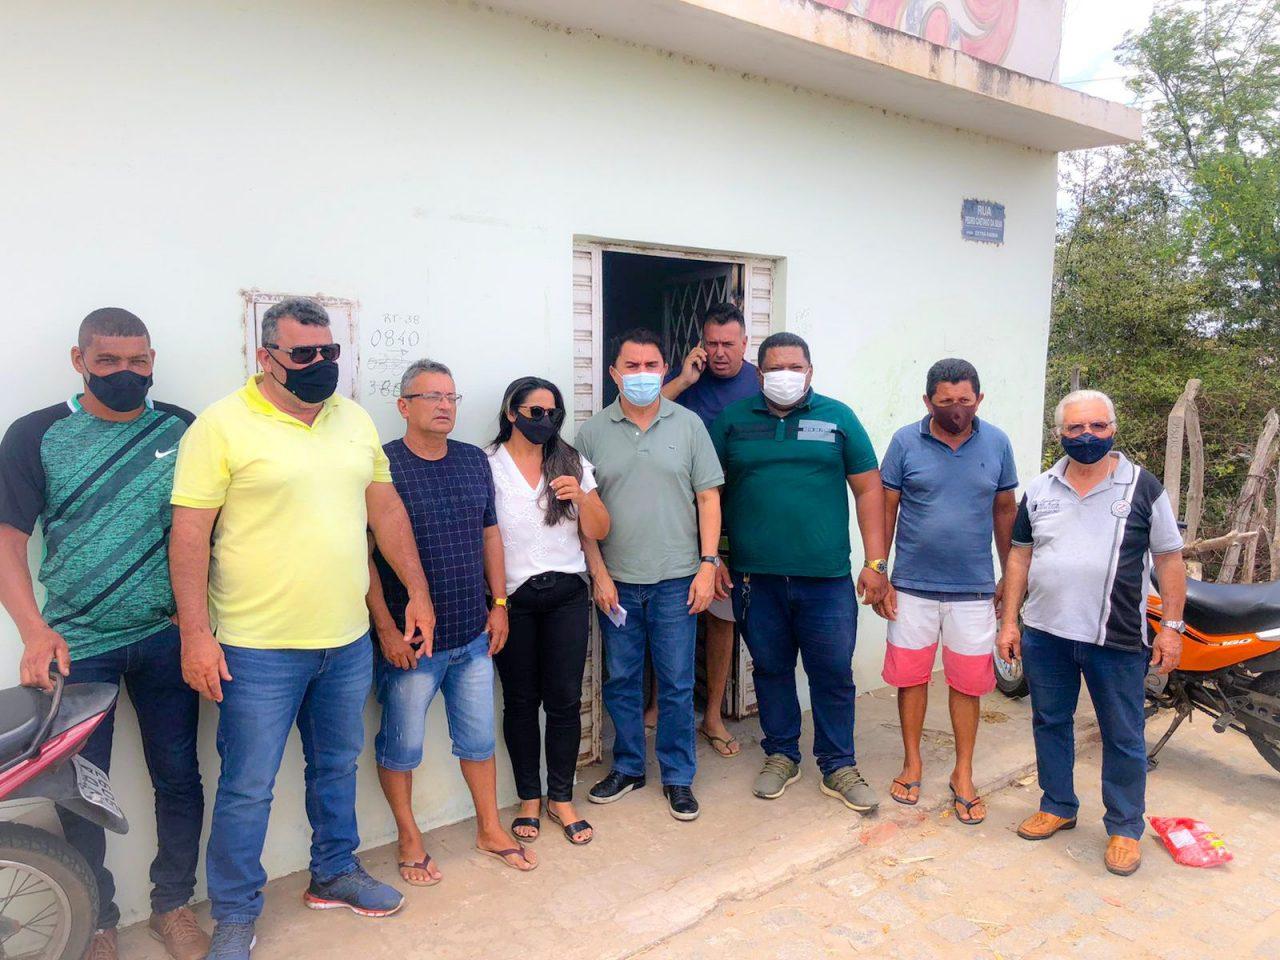 WhatsApp Image 2021 10 03 at 15.12.55 scaled - Wilson Santiago é recebido por Edilson Do Tomate em Boqueirão e destaca R$ 5 milhões em investimentos no município